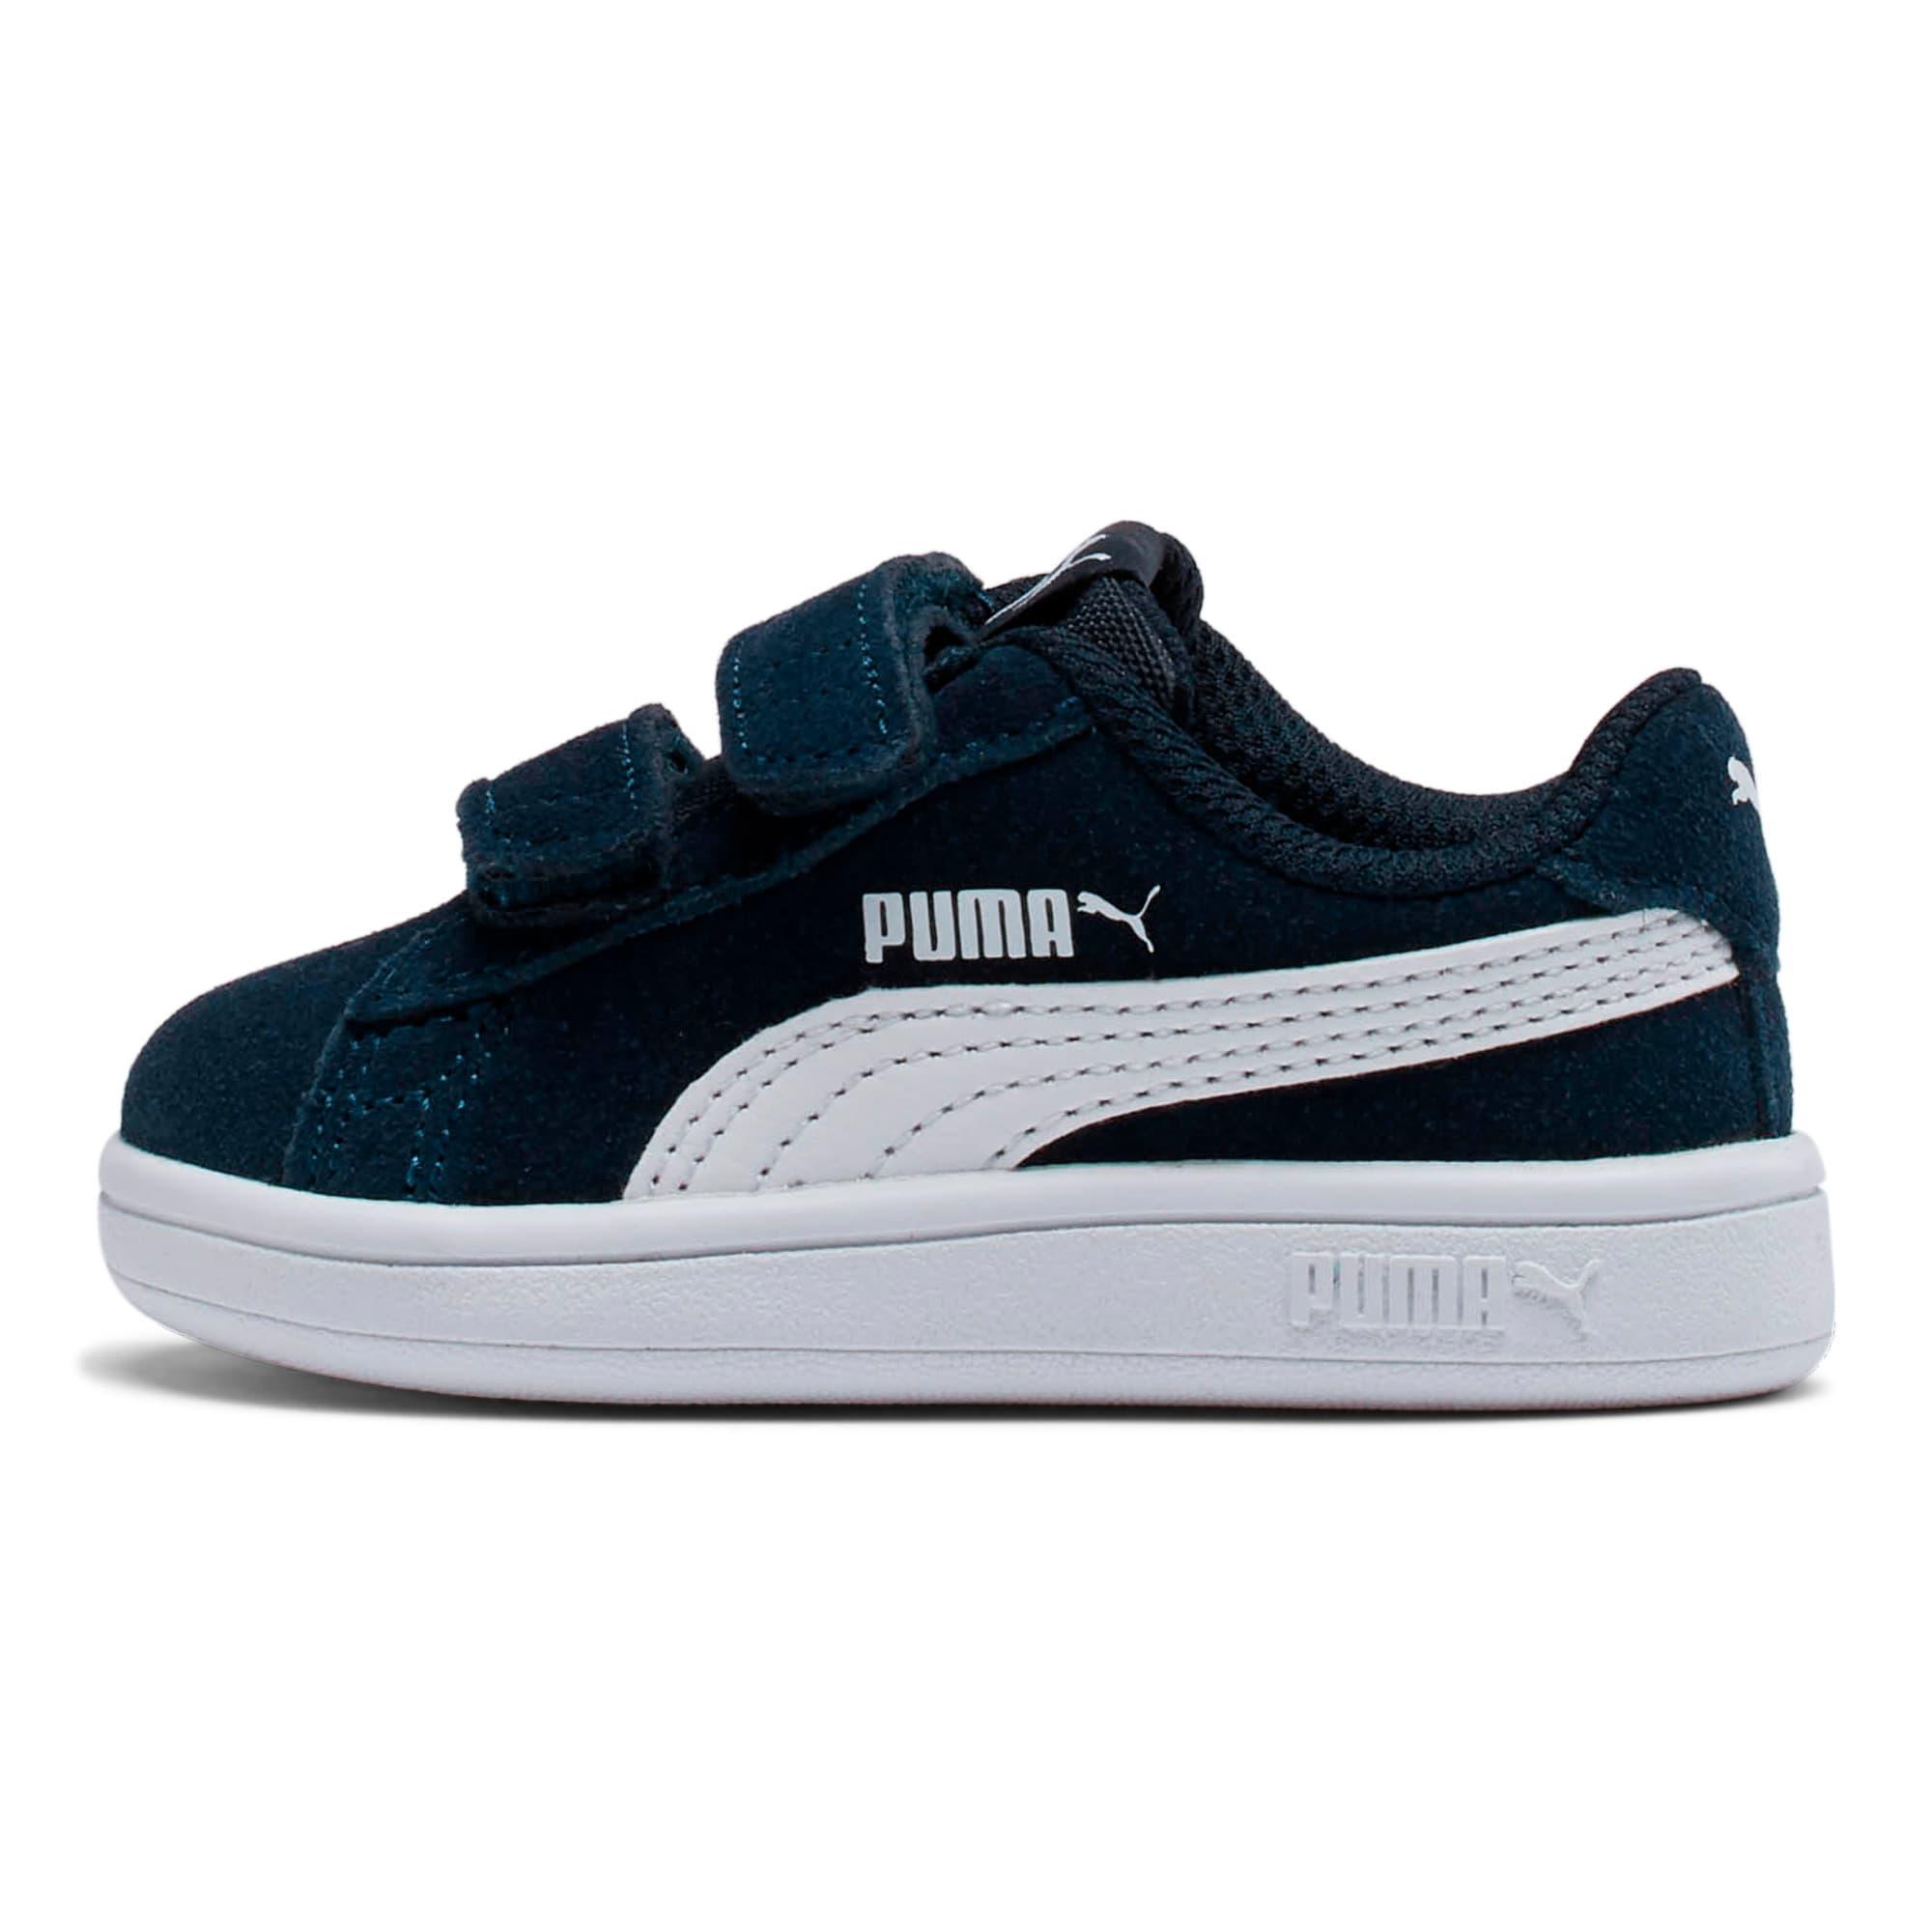 Miniatura 1 de ZapatosPUMA Smash v2Suede para bebés, Peacoat-Puma White, mediano